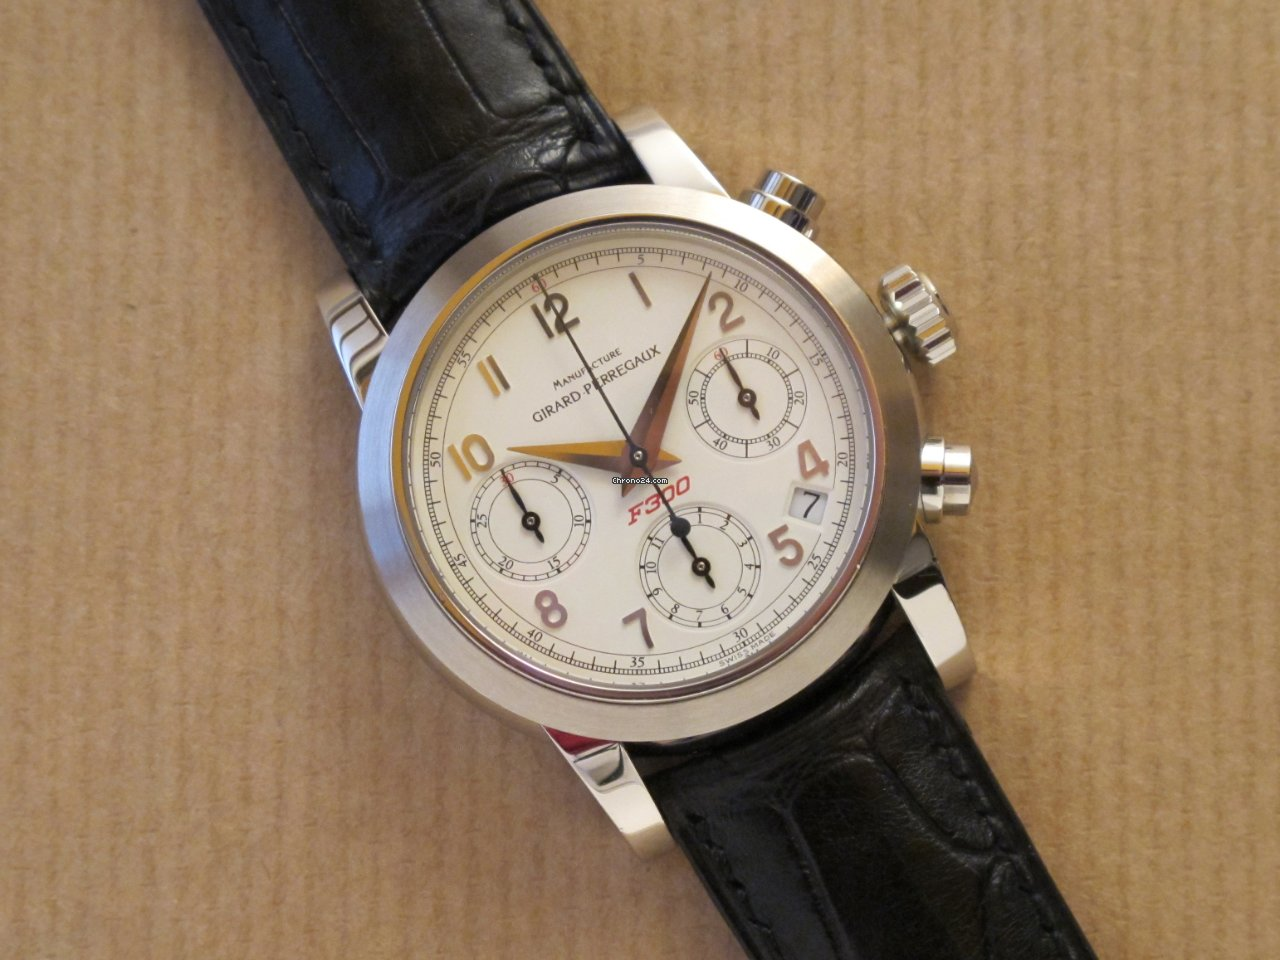 Girard Perregaux Automatic Chronograph Pour Ferrari Ref 8020 Für Chf 3 051 Kaufen Von Einem Privatverkäufer Auf Chrono24